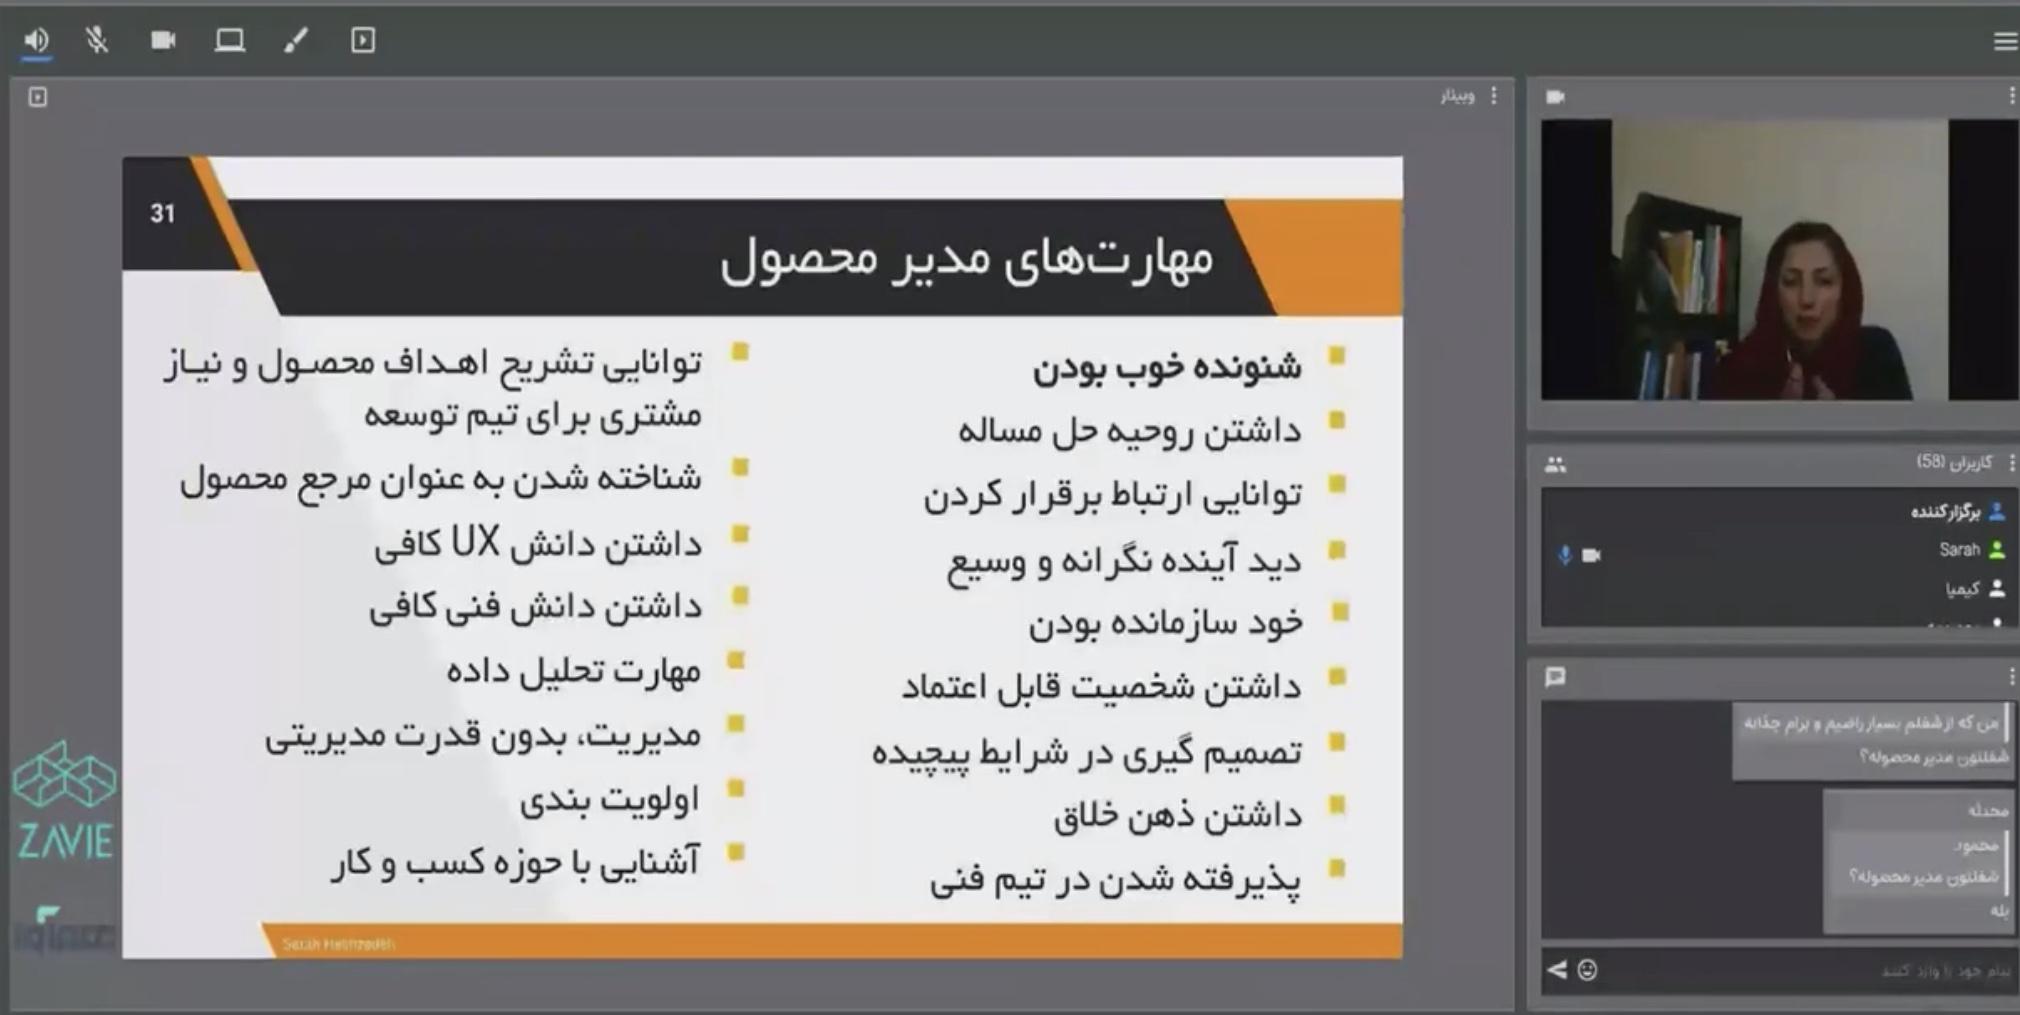 دانلود ویدئو وبینار مدیریت محصول در ایران